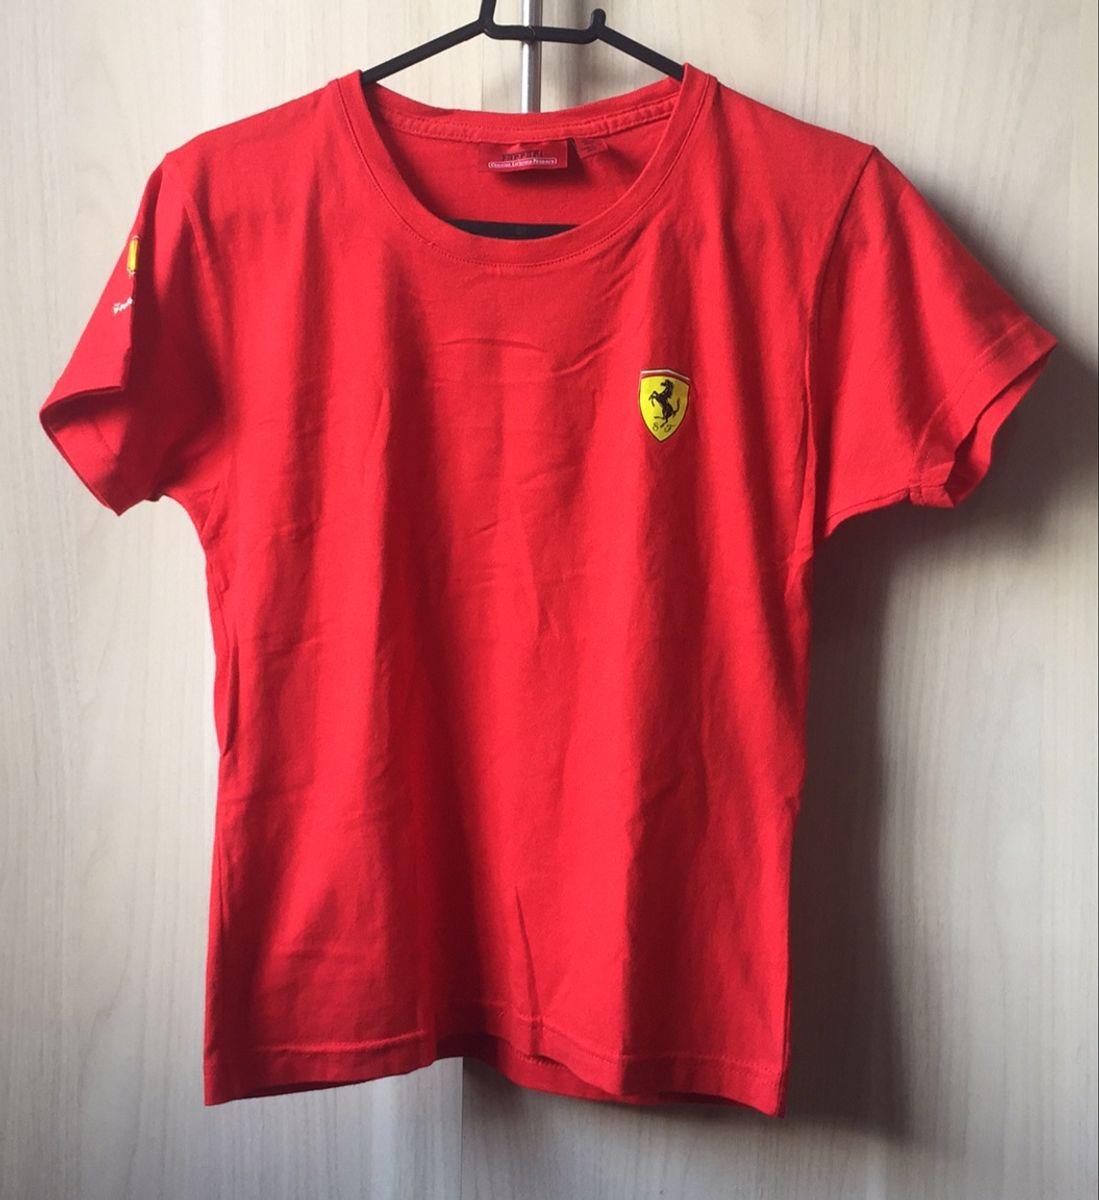 Camiseta Baby Look Ferrari Vermelha Algodao Camiseta Feminina Ferrari Usado 38853234 Enjoei